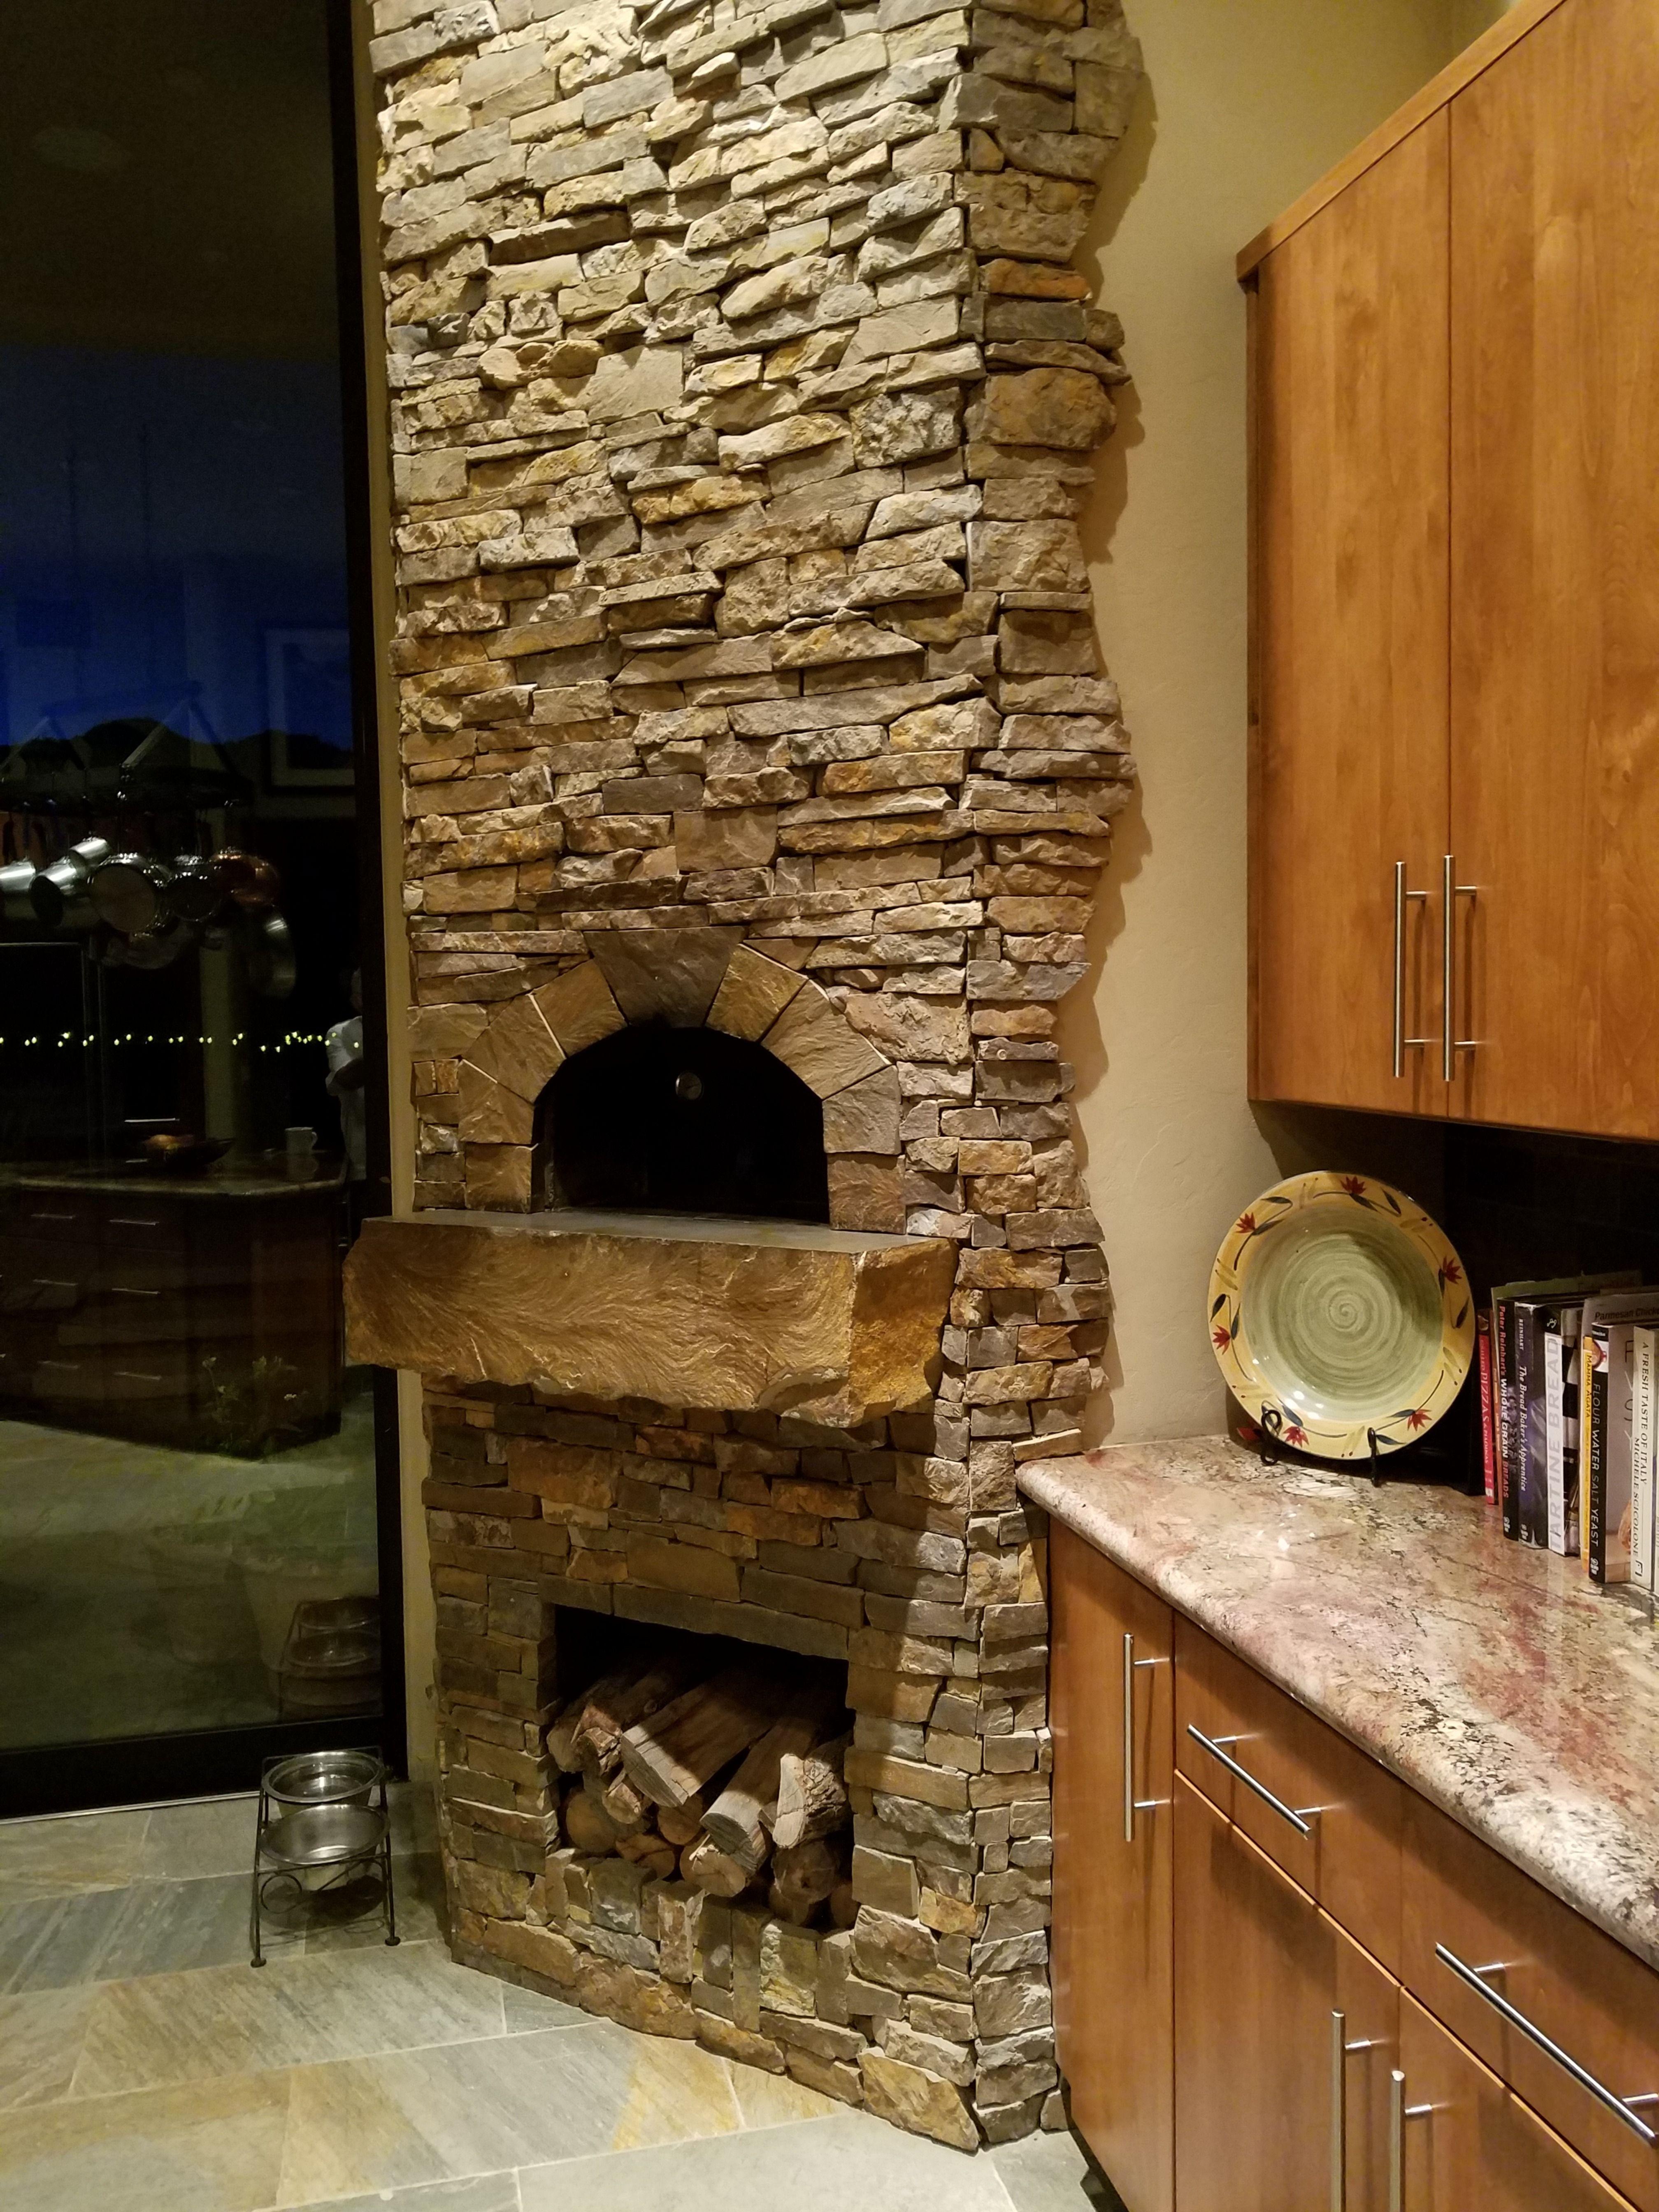 Indoor Brick Ovens Brick Pizza Oven Images Forno Bravo Brick Pizza Oven Pizza Oven Pizza Oven Fireplace